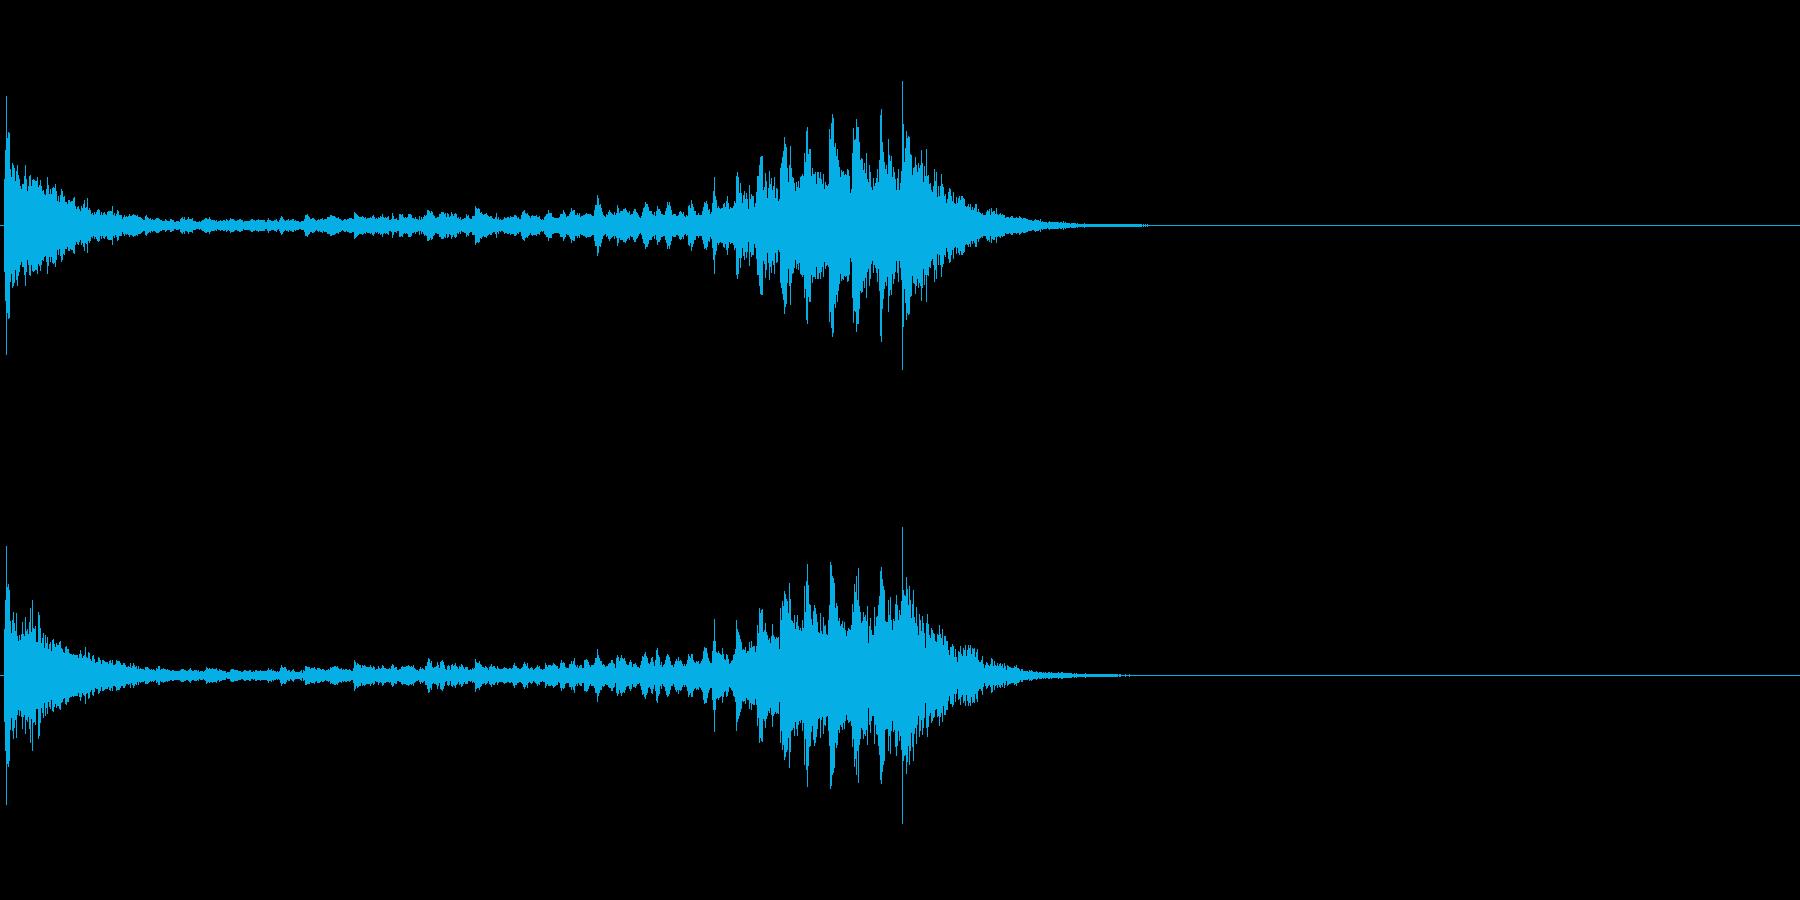 生演奏 琵琶 和風 古典風 残響有#13の再生済みの波形